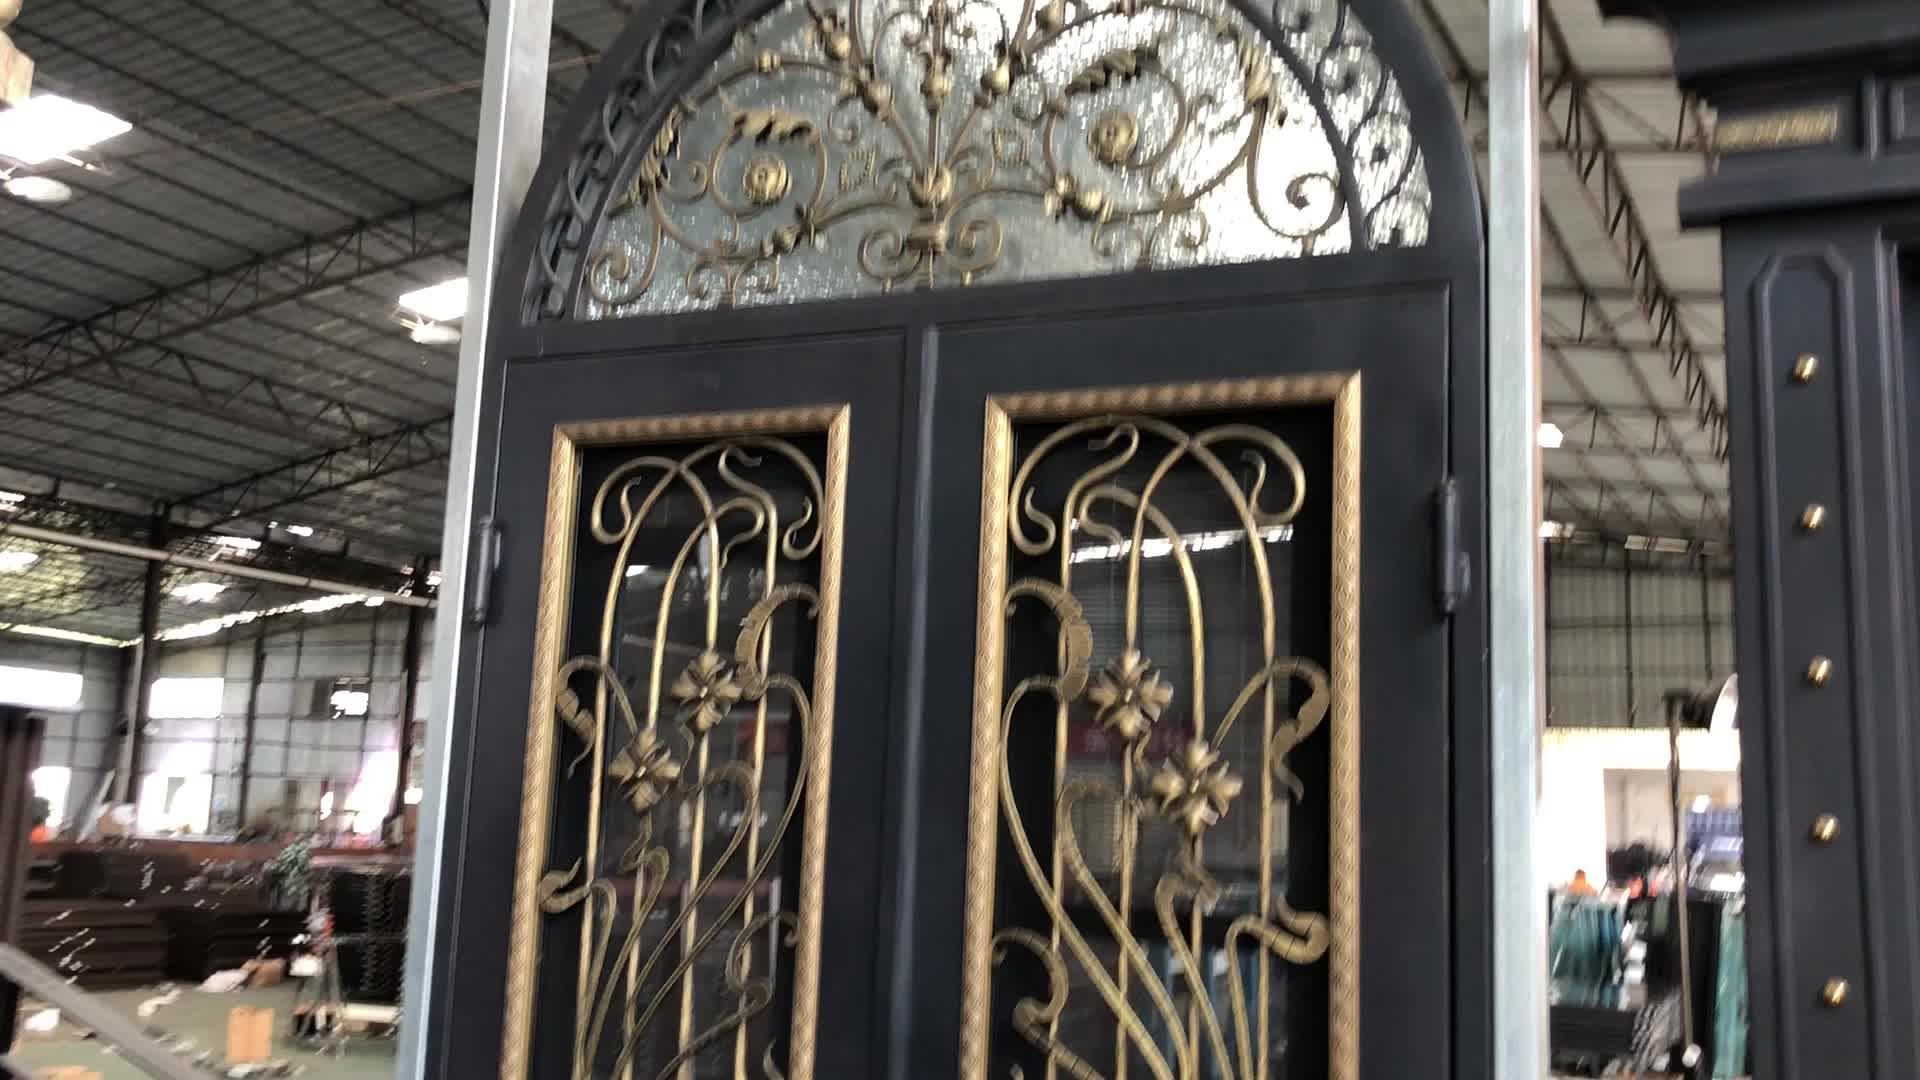 Hoge kwaliteit goedkope prijs smeedijzeren grill glas exterieur deur ontwerpen